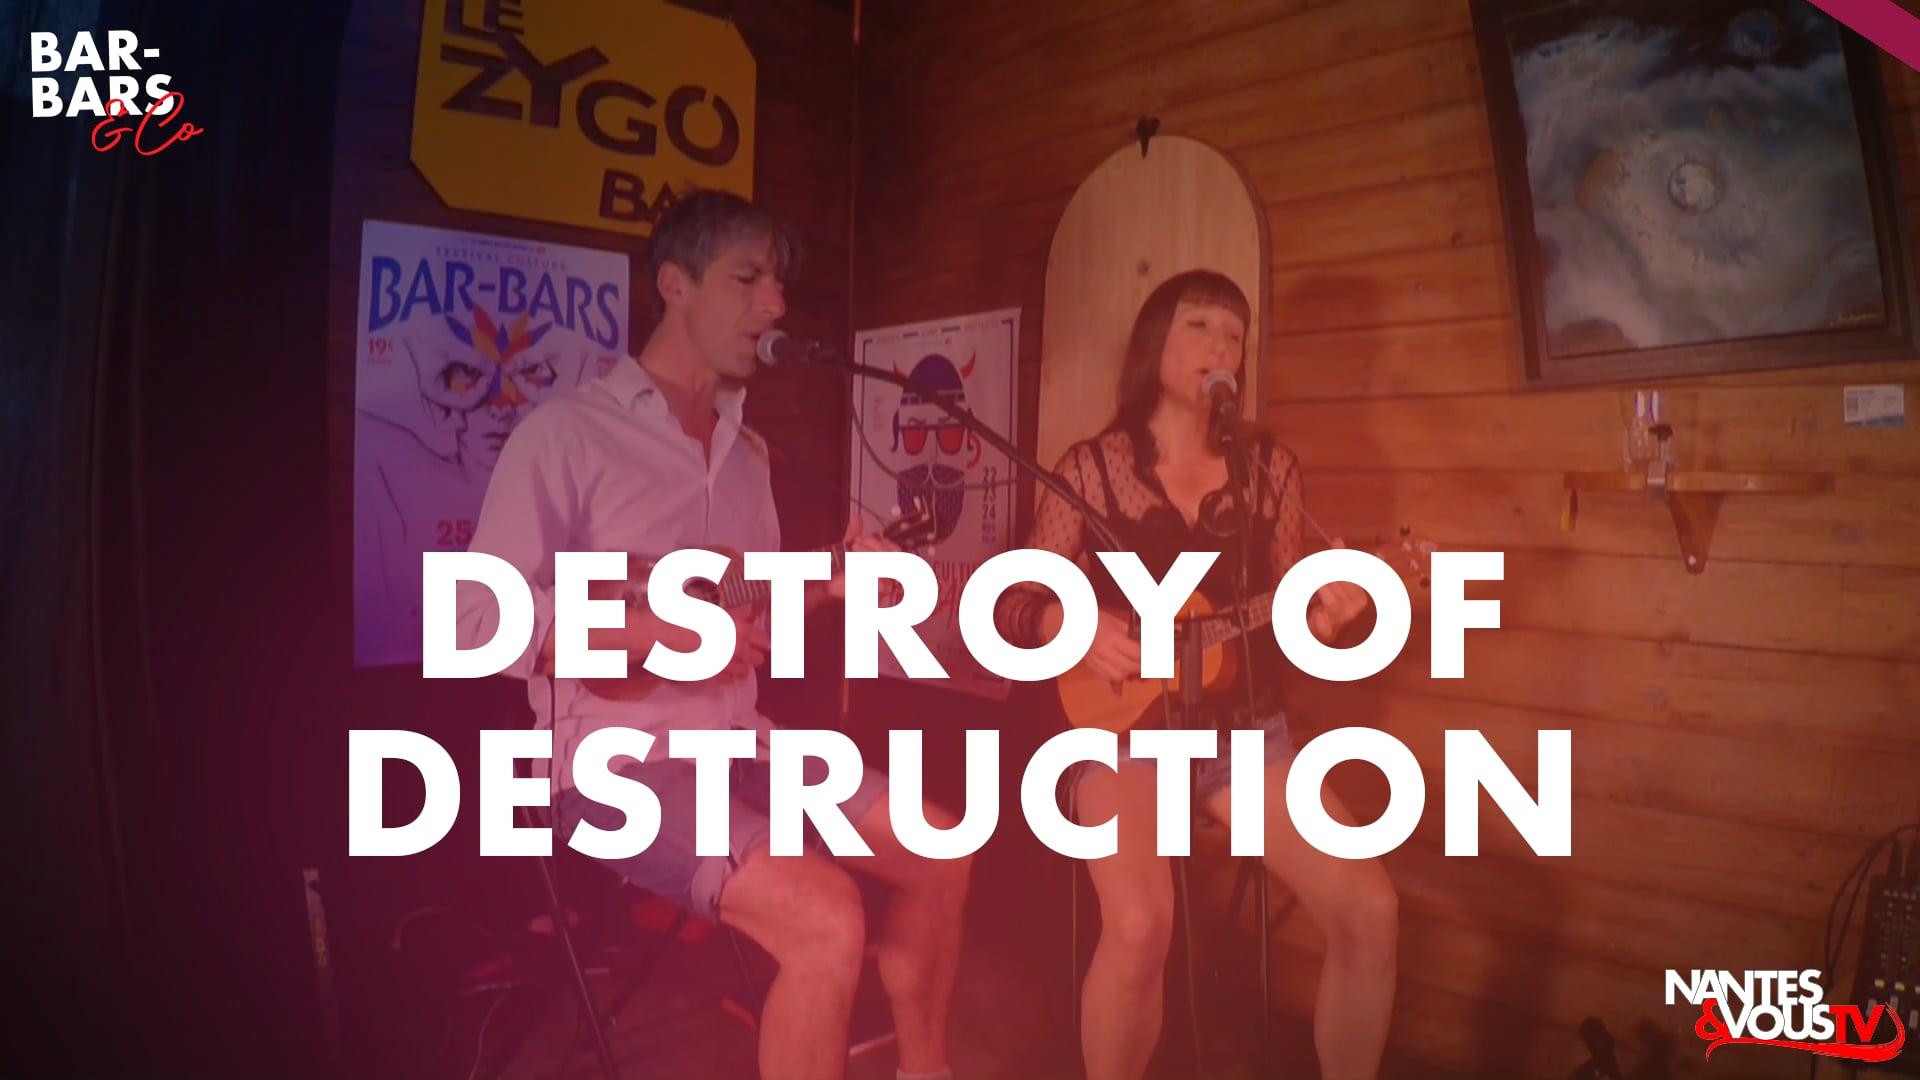 BB&CO - SAISON 2 - Destroy of Destruction #7